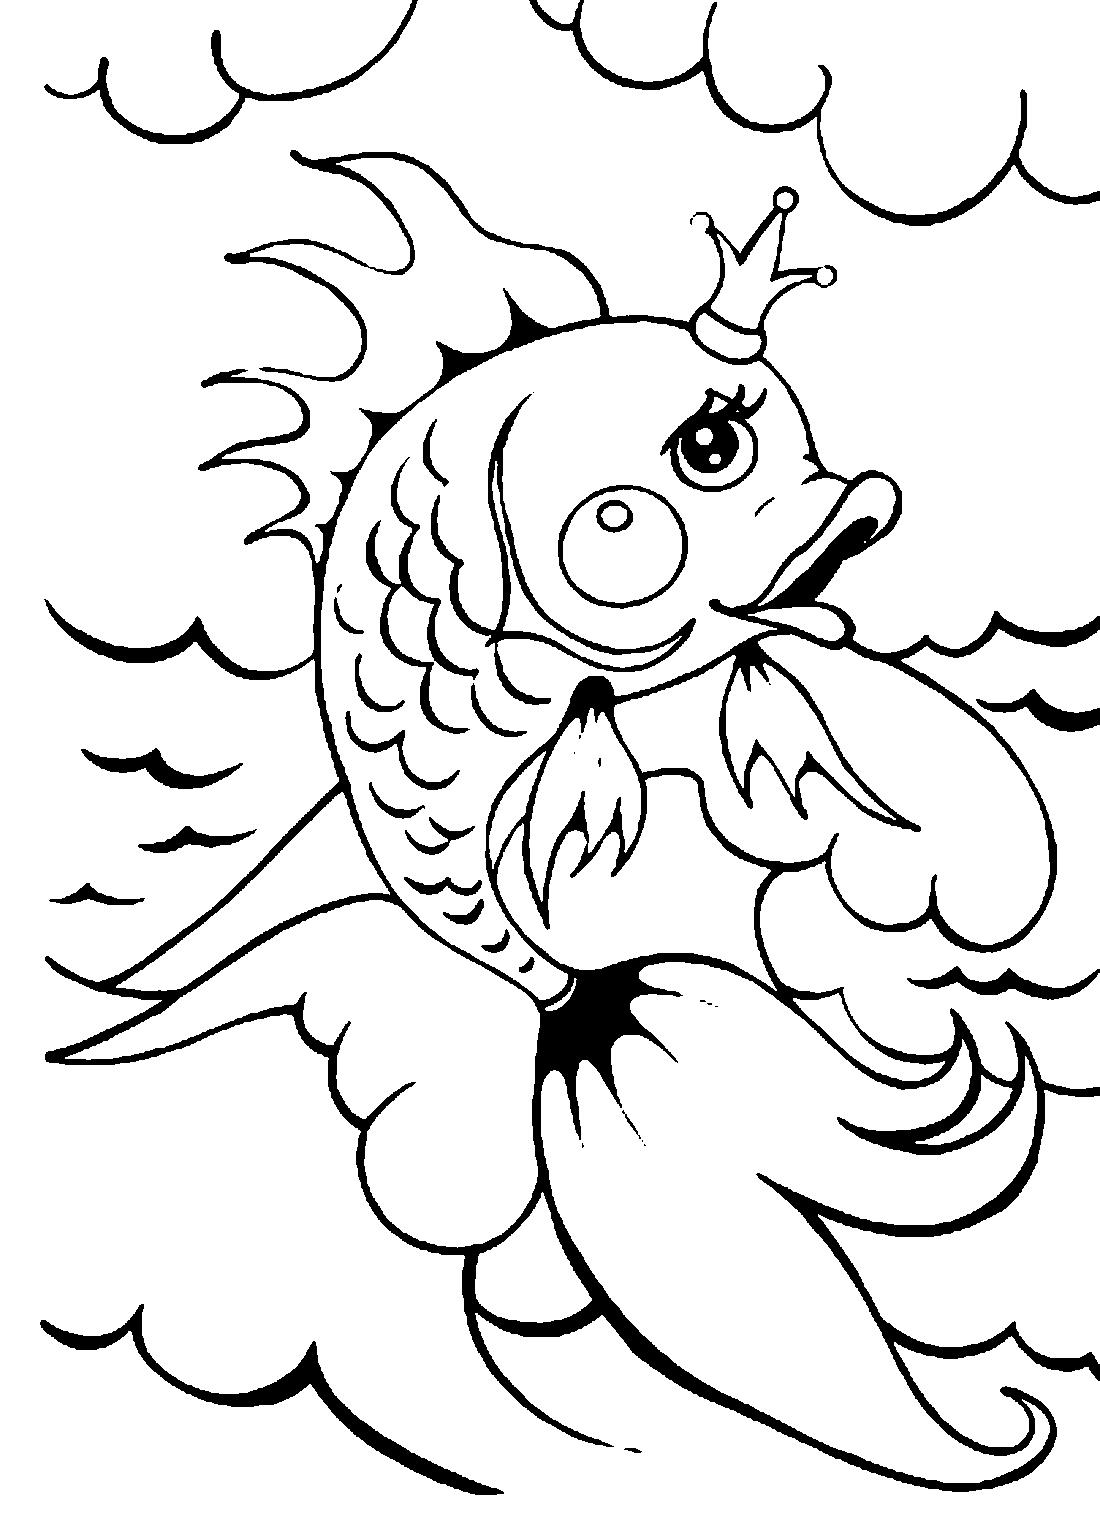 Золотая рыбка грустная - раскраска №521 | Printonic.ru